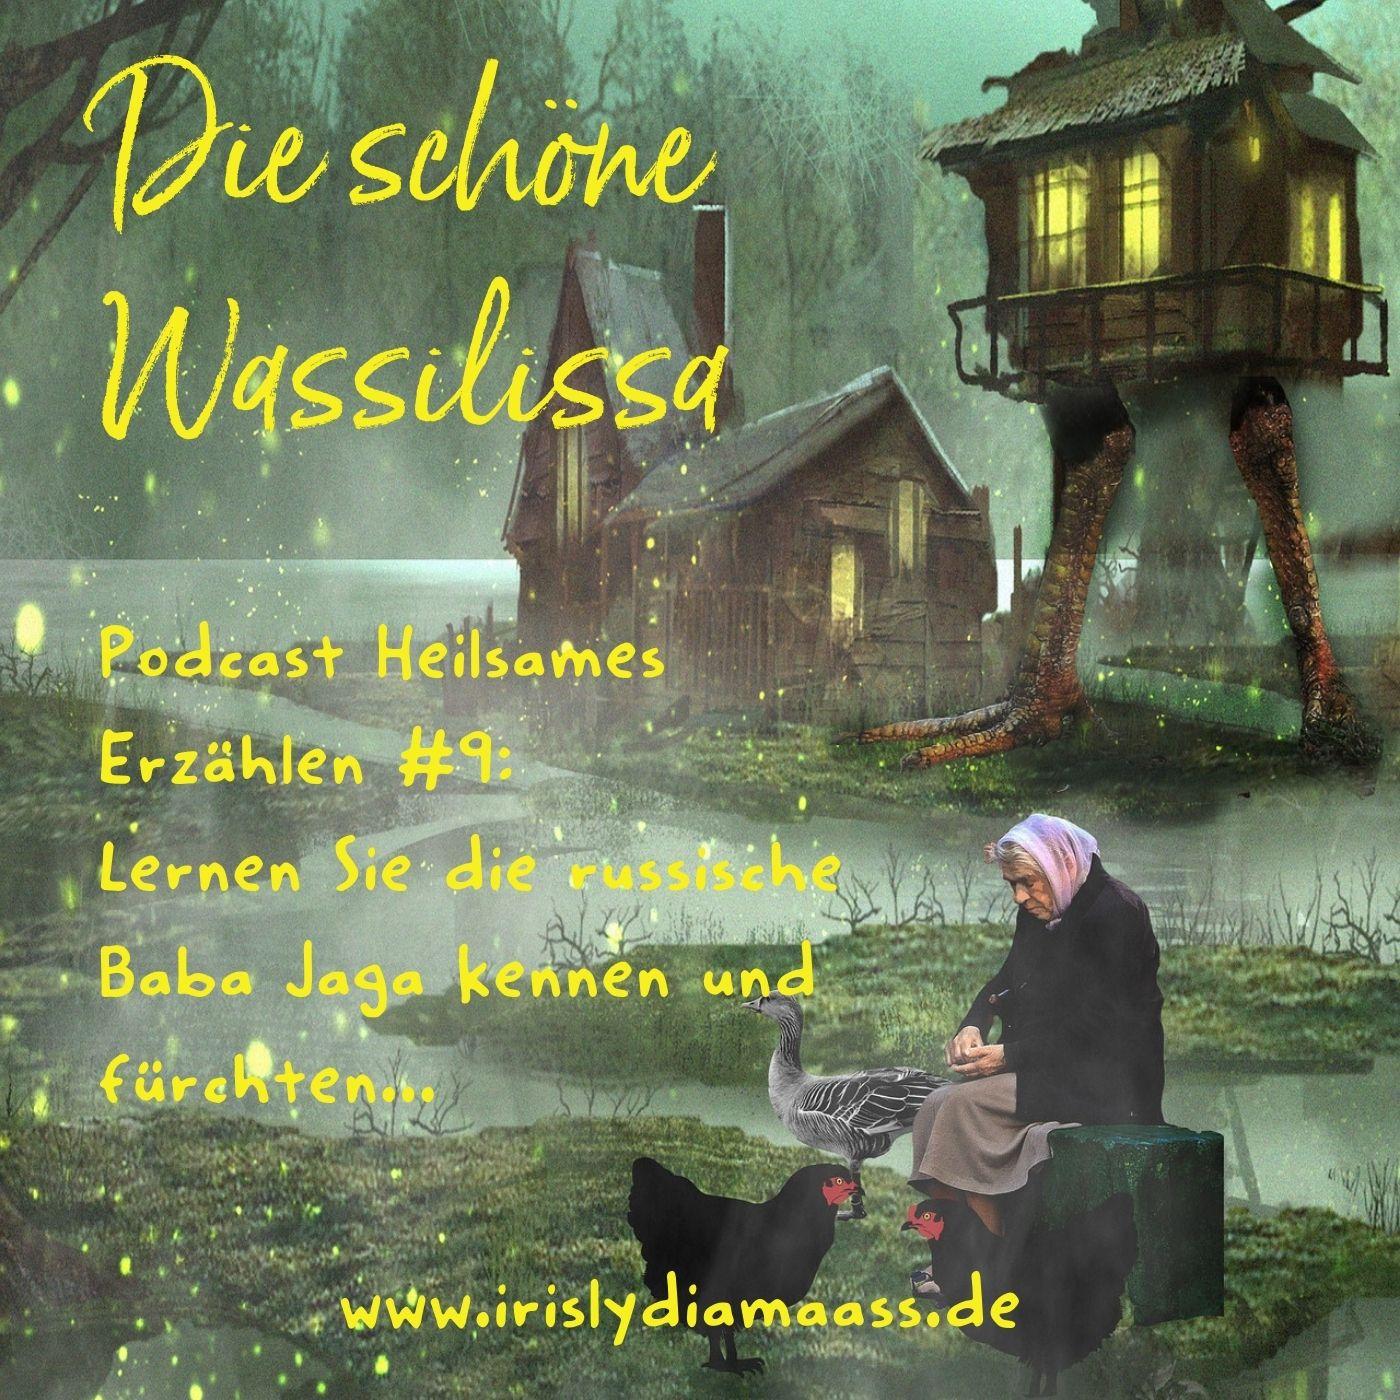 Podcast Heilsames Erzählen #9: Die schöne Wassilissa